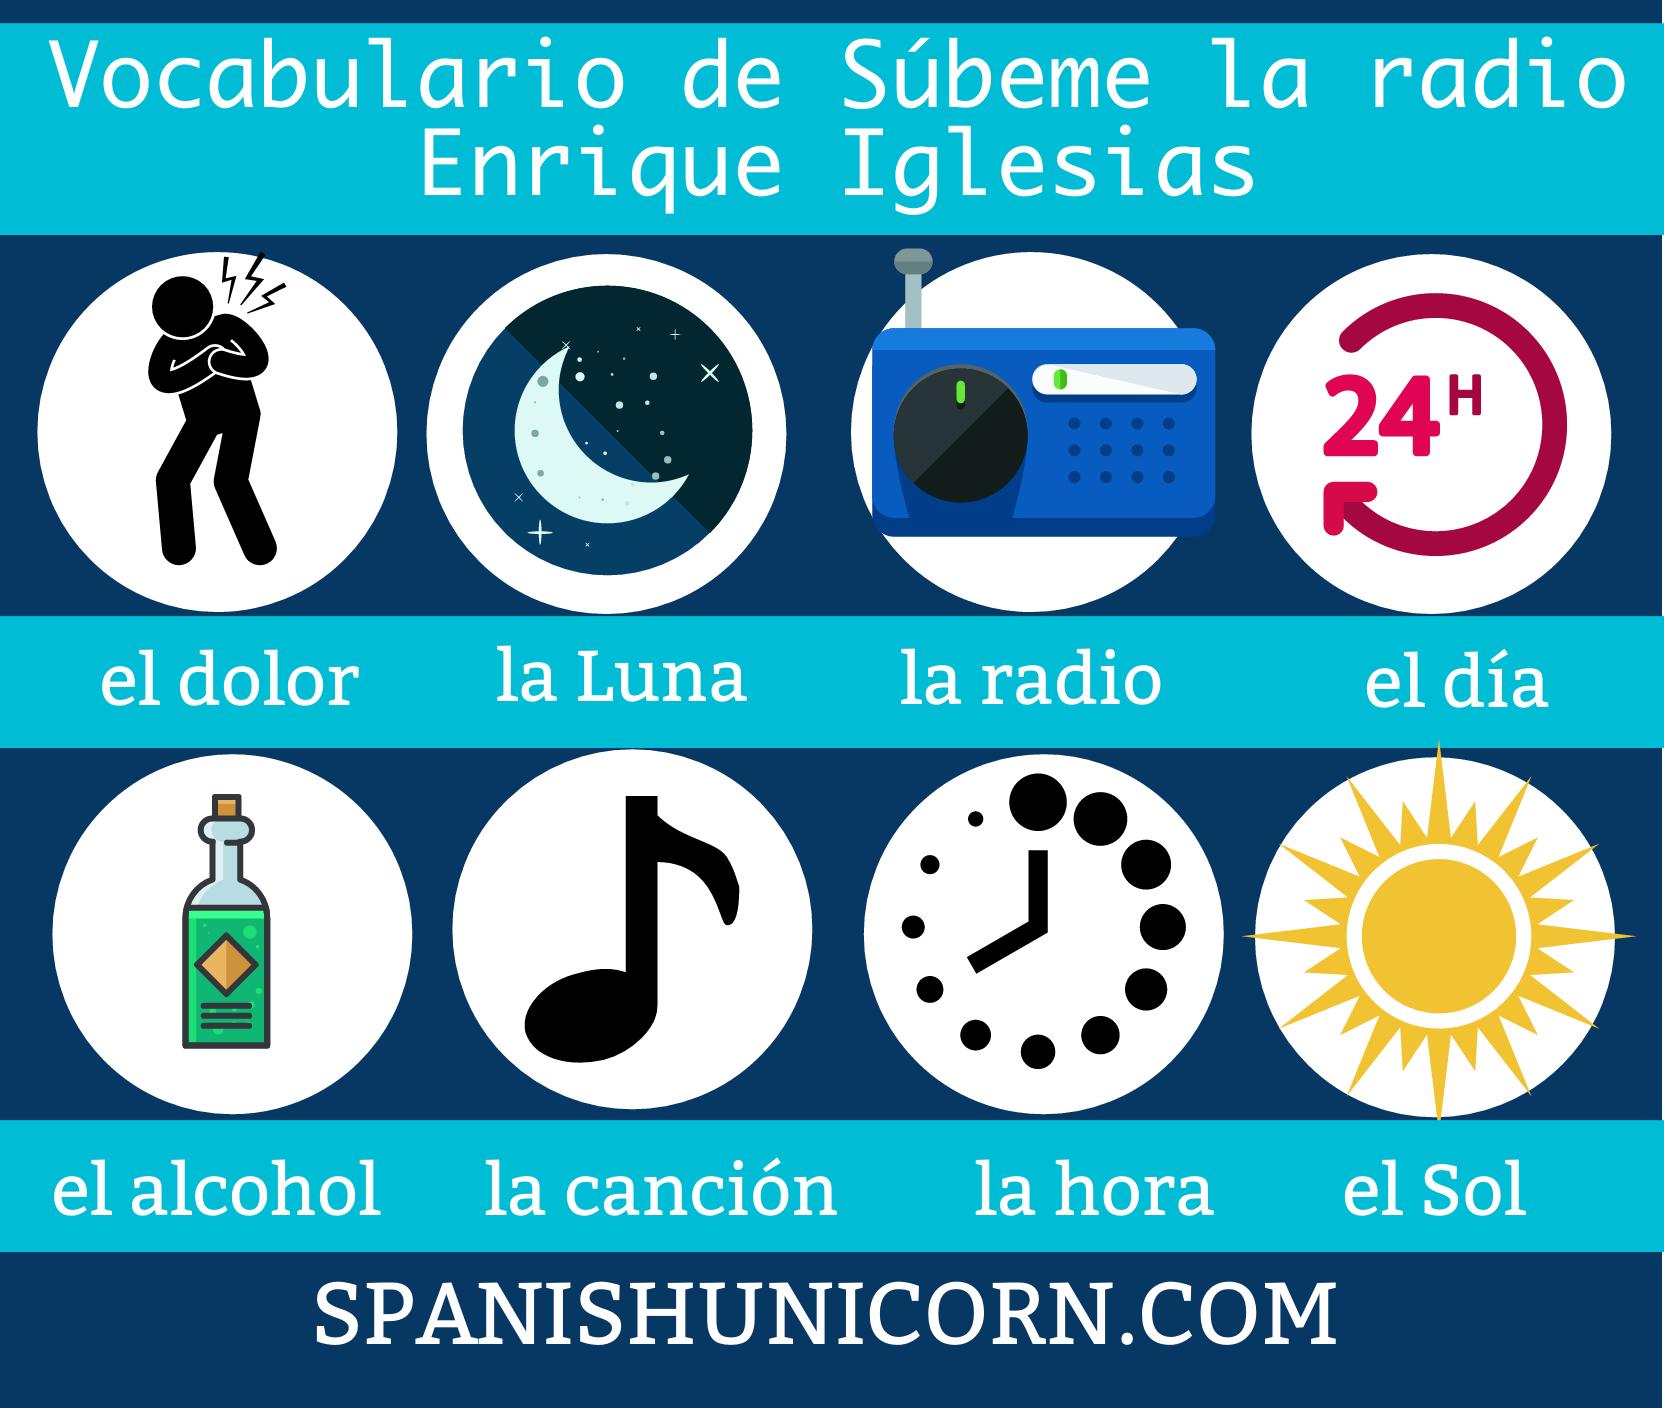 Subeme La Radio Ejercicios Interactivos Y Letra Para Aprender